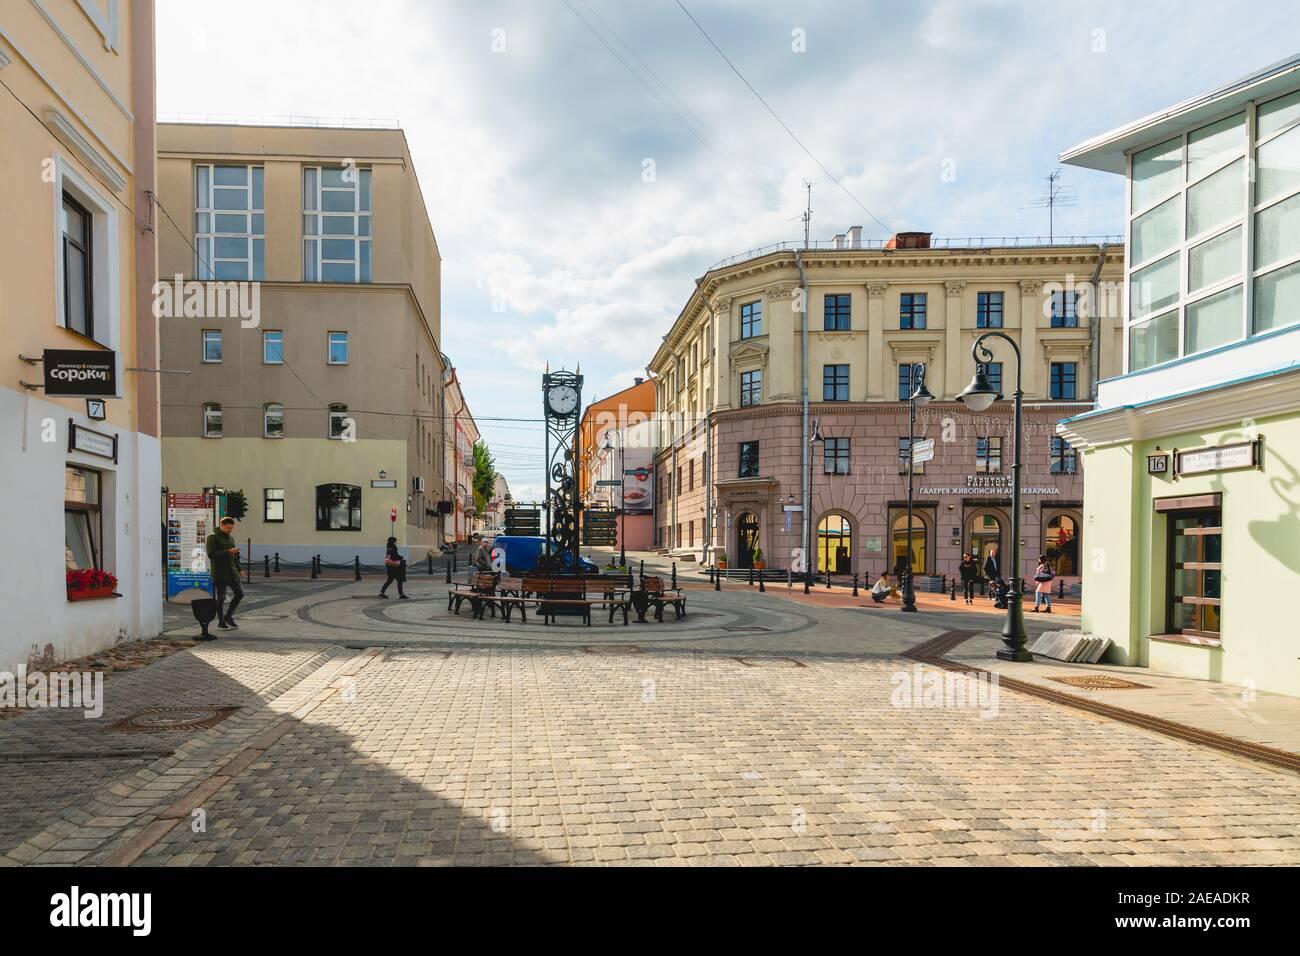 Minsk, Bielorussia - 24 settembre 2019 a Minsk, Downtown, rivoluzione Street. Street view, la vita della città, architettura. Foto Stock